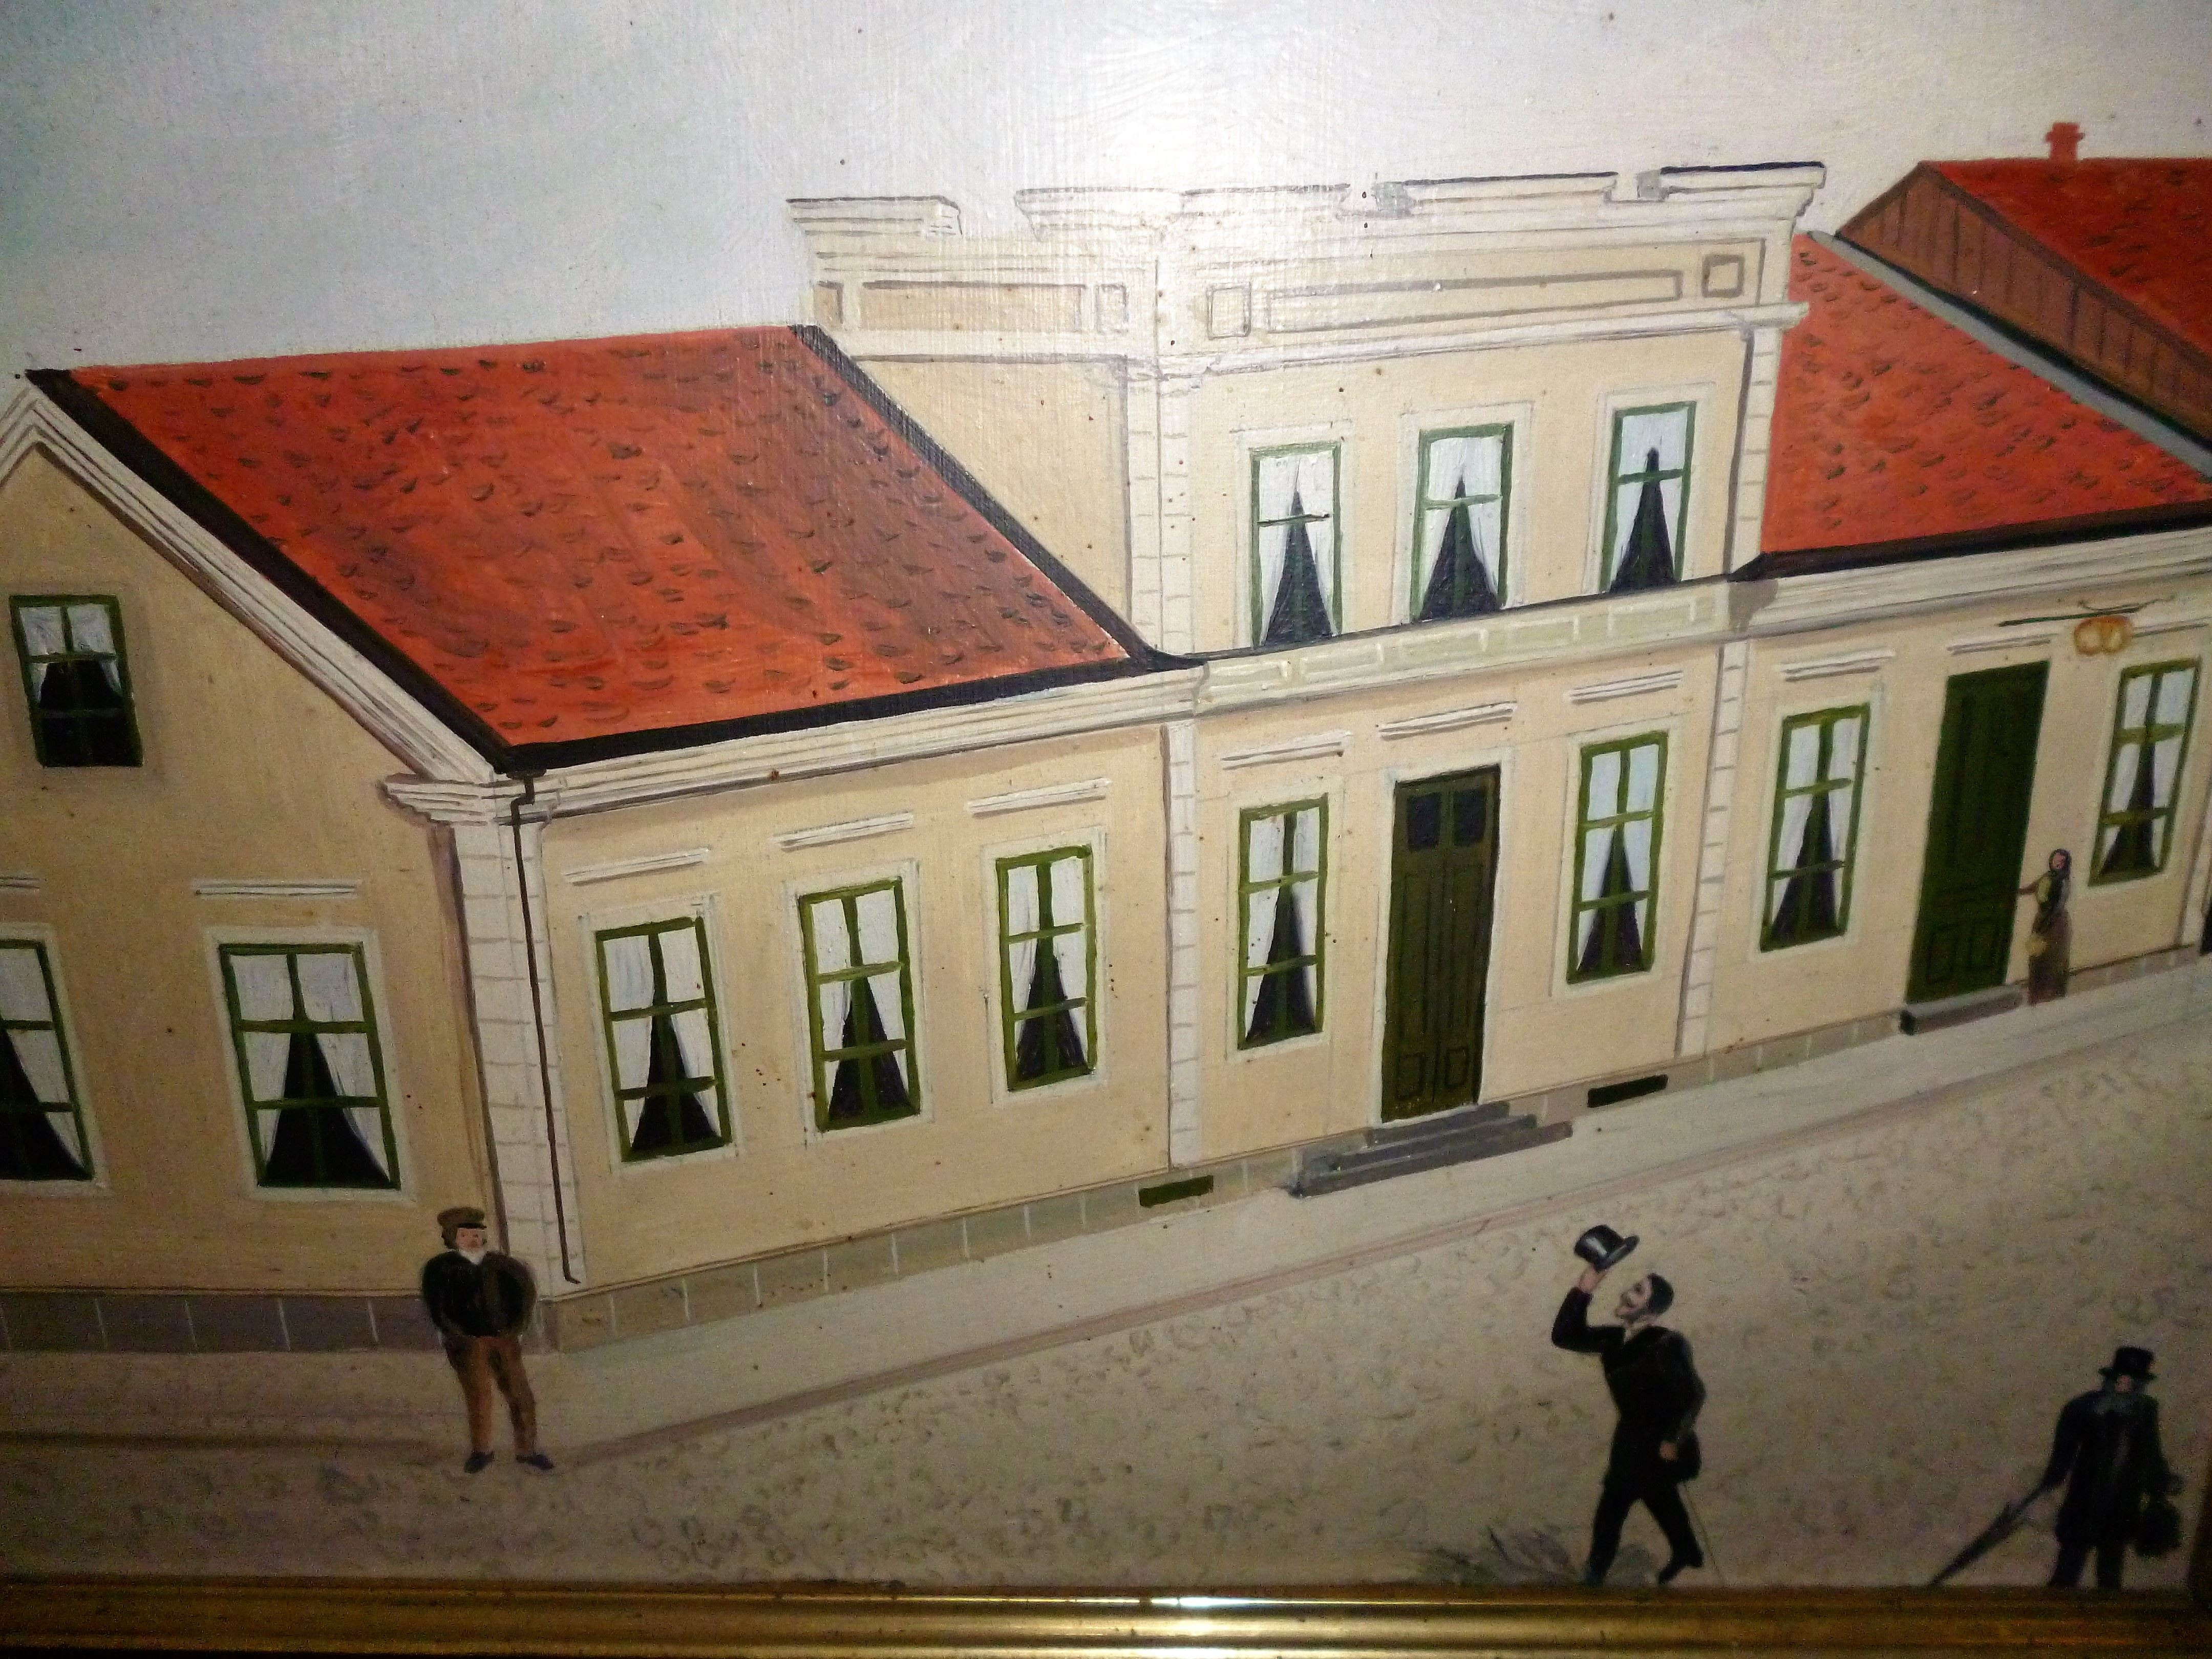 Stadens 72 skönheter: Om miljöer och människor i 1800-talets Sölvesborg